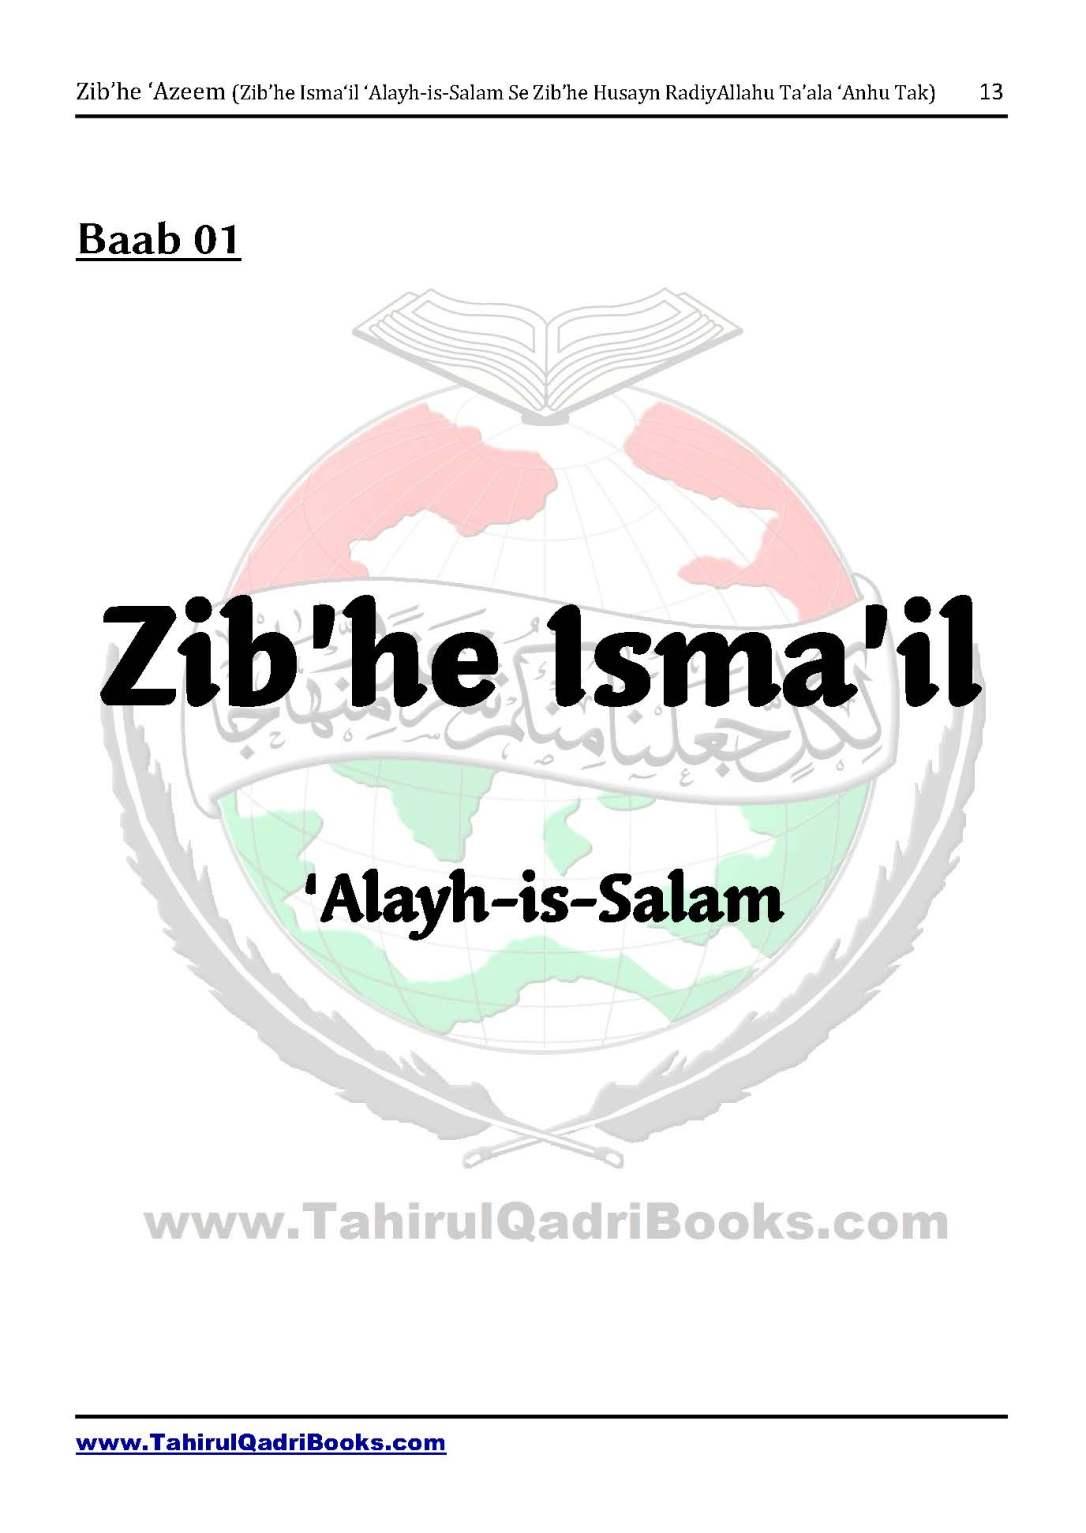 zib_he-e28098azeem-zib_he-ismacabbil-se-zib_he-husayn-tak-in-roman-urdu-unlocked_Page_013